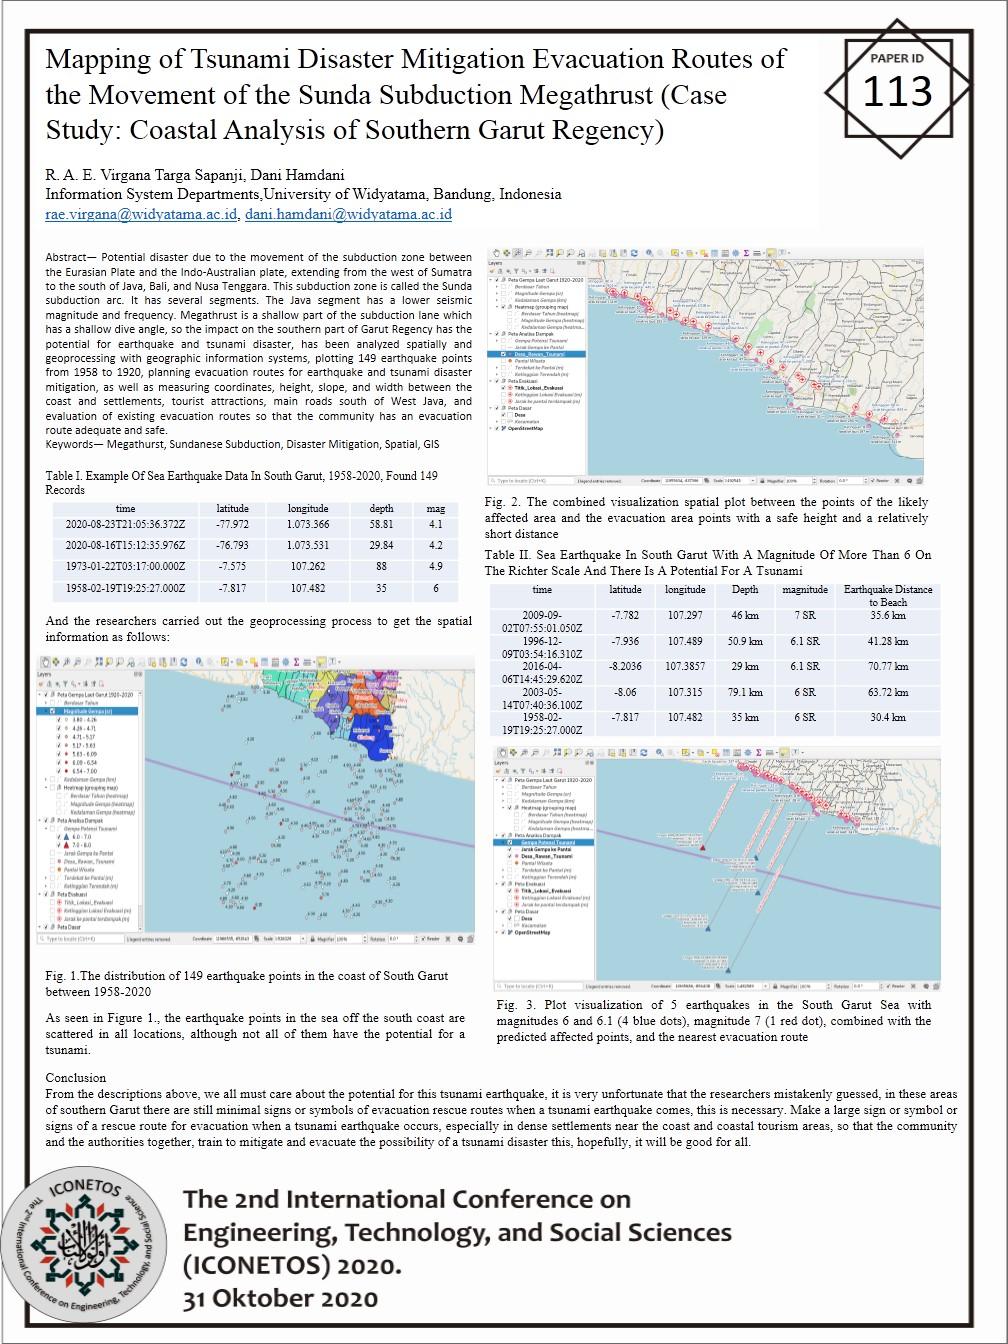 Paper ID 113 - RAE Virgana - ICONETOS 2020 - POSTER - RAE VIRGANA TARGA SAPANJI SKOM MT